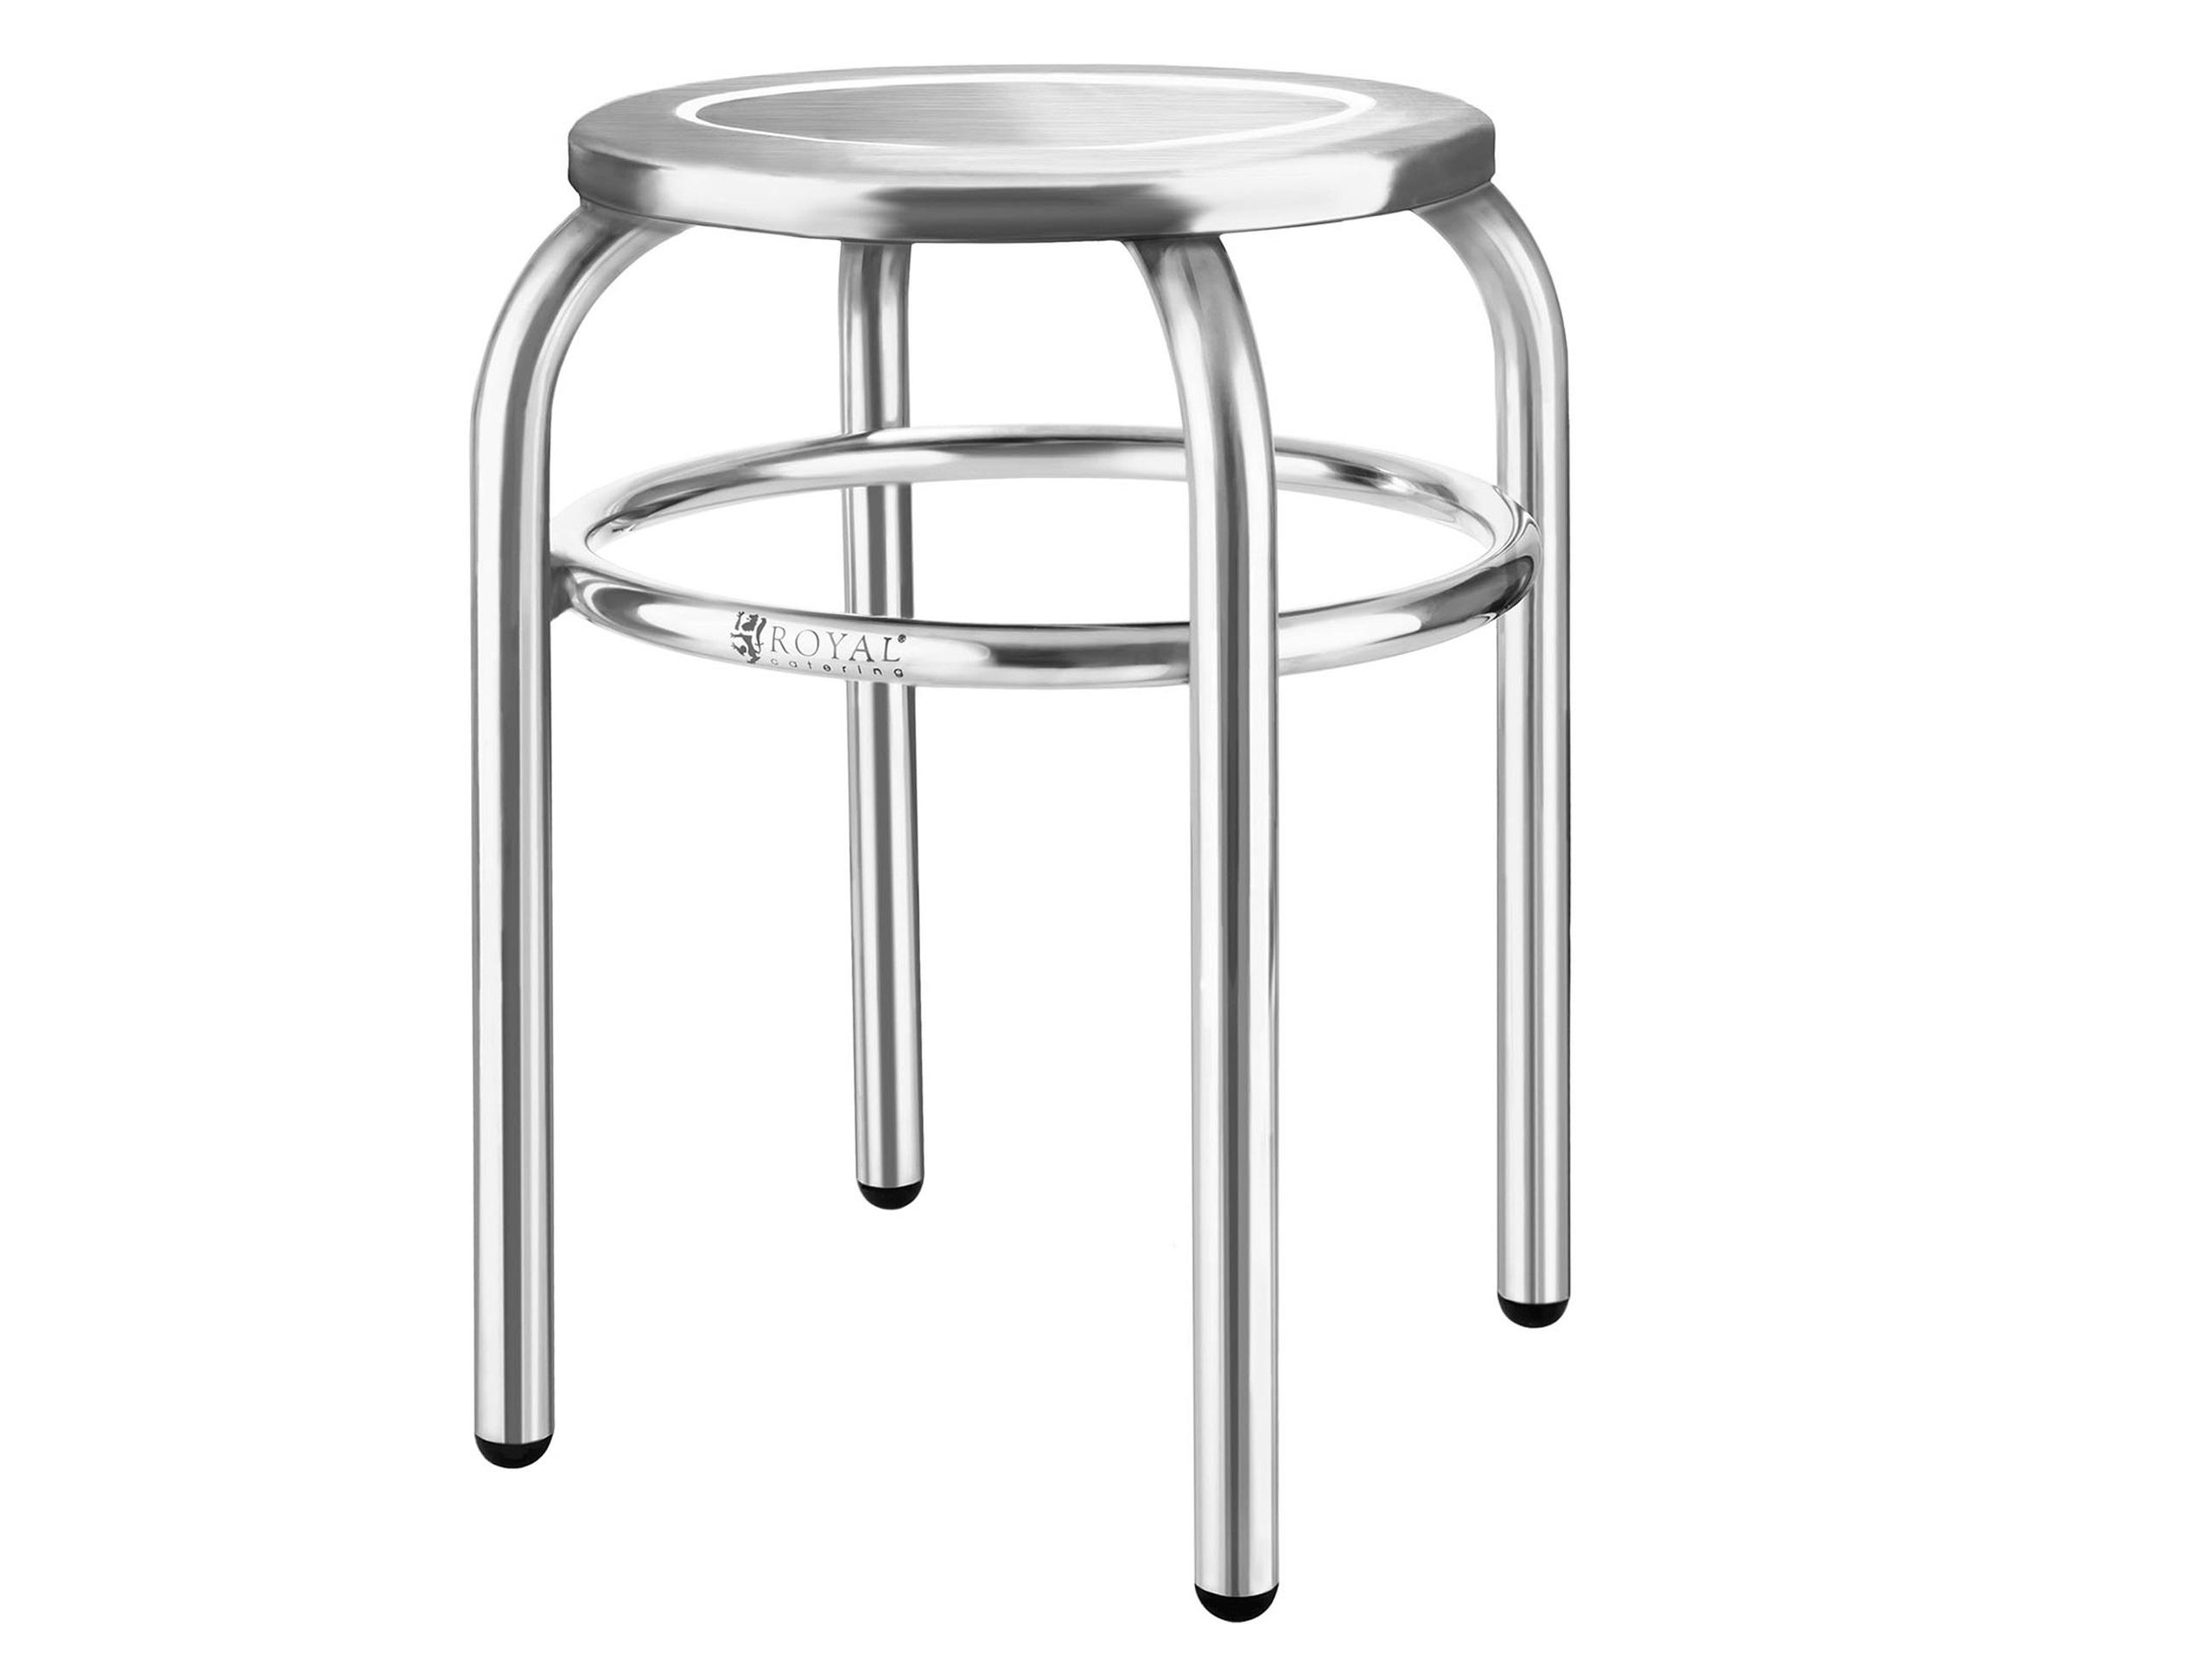 Taboret stolica pre laboratóriu nerezovej ocele FV